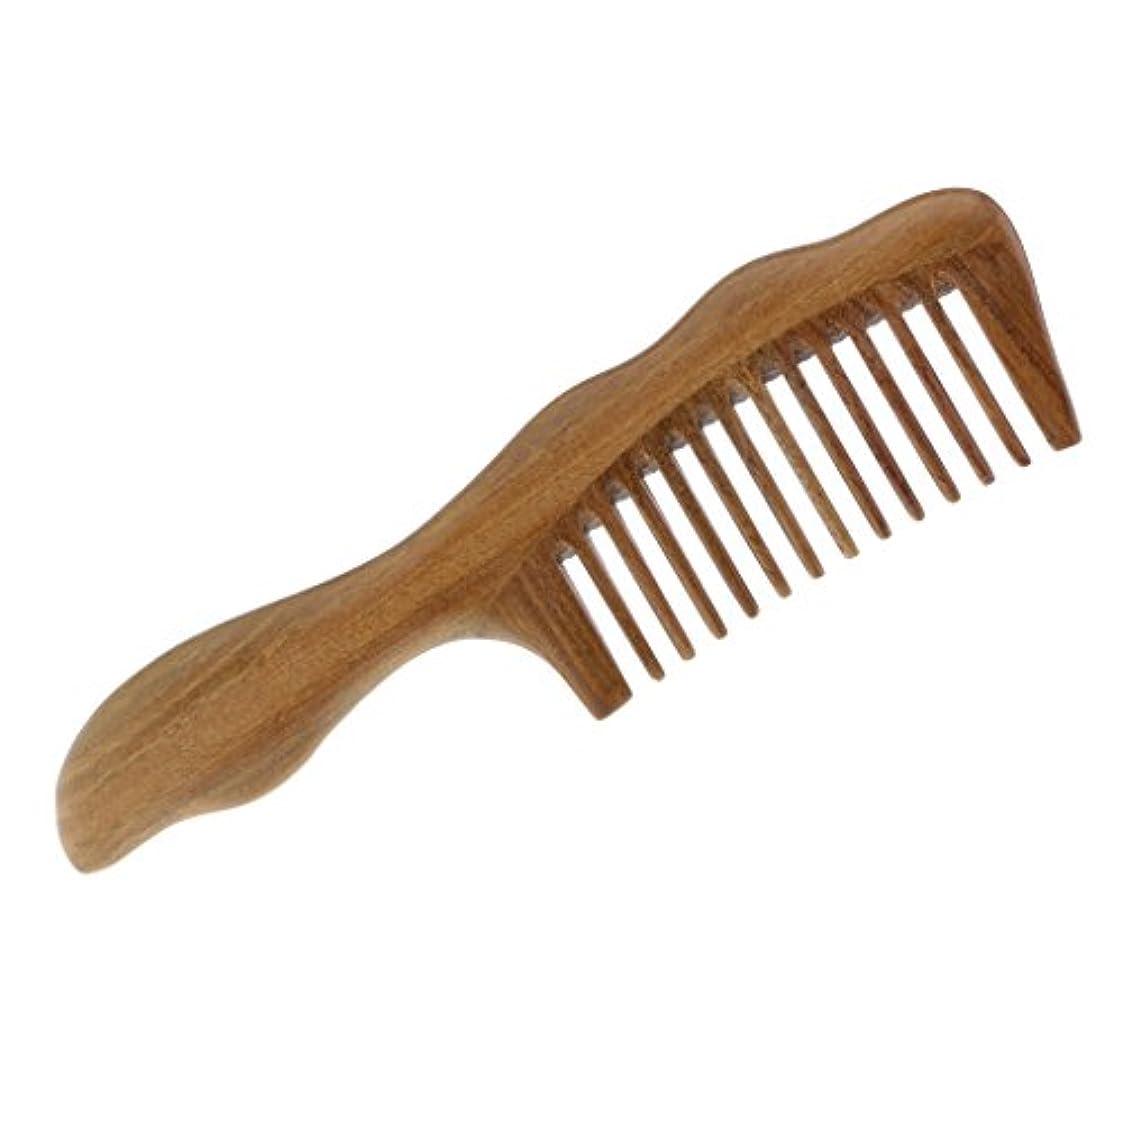 陰気ナチュラモーテルToygogo 広い歯の櫛の木製のもつれの櫛、木製の毛のブラシ/Sandalwoodの非静的な木の櫛